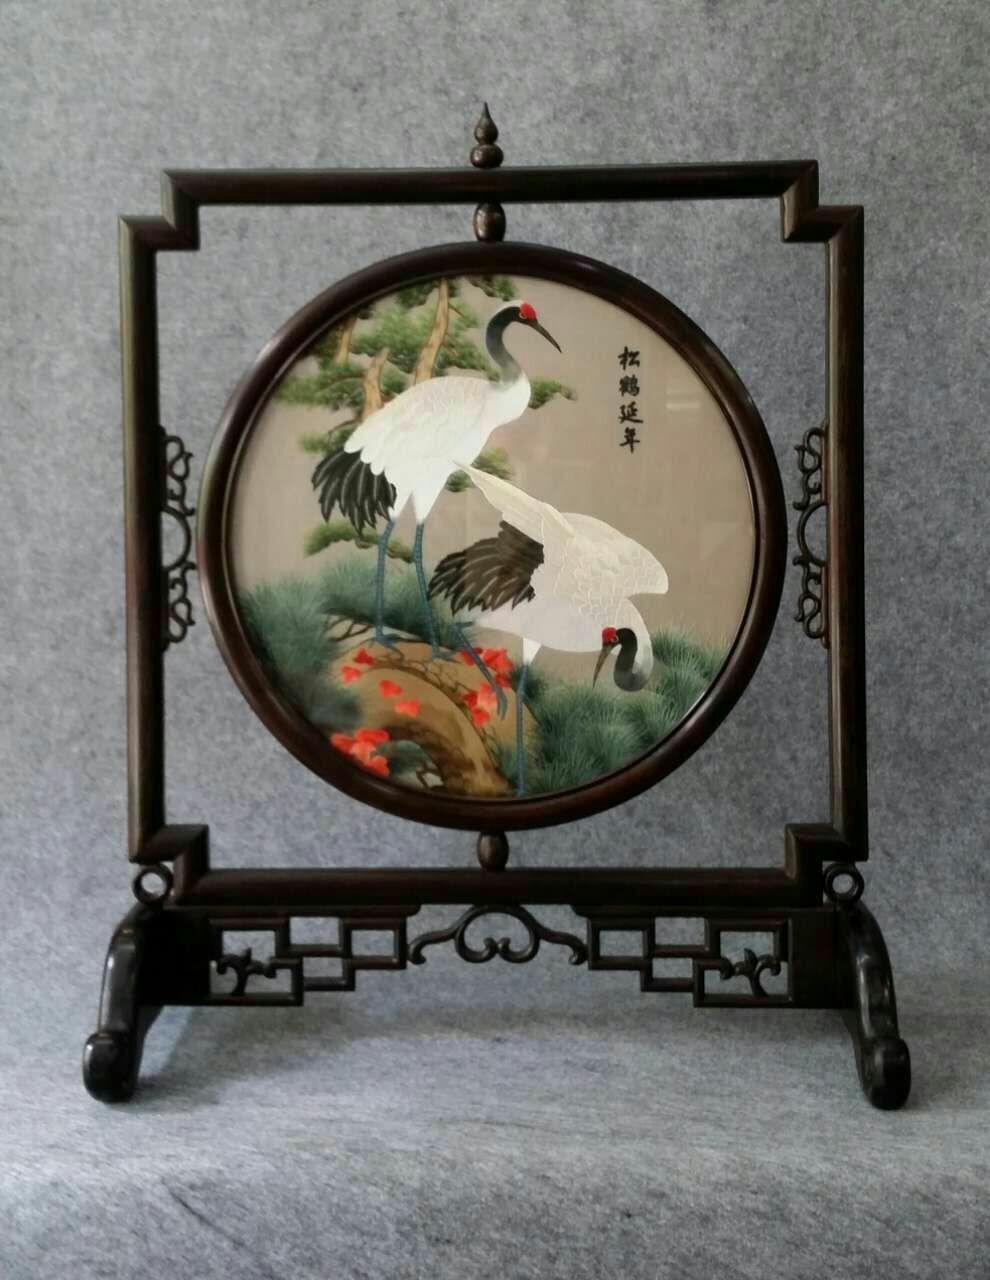 有什么比较精致,适合送老外的中国礼品?